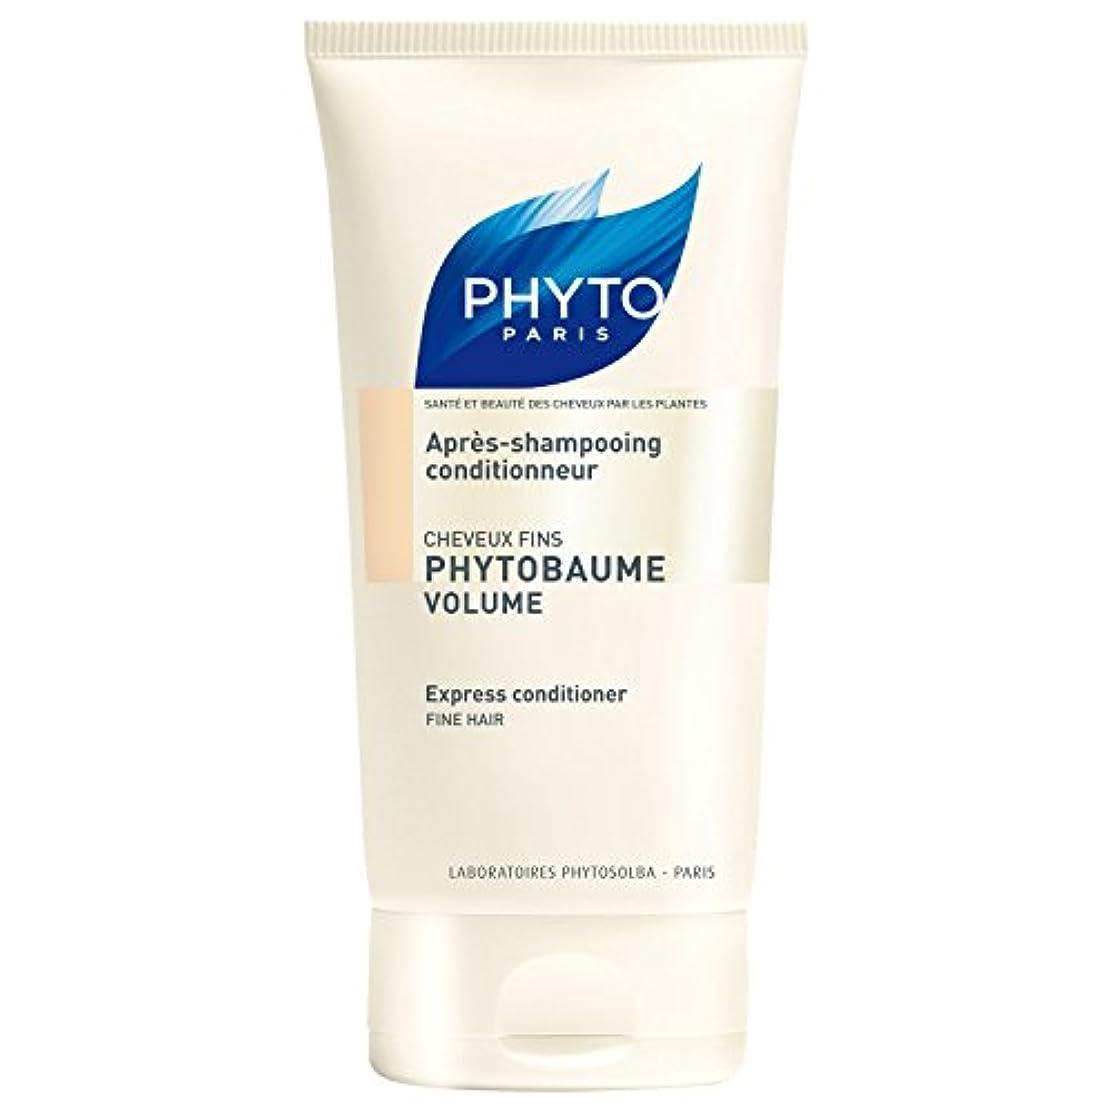 言い換えると立ち寄る発生器細い髪の150ミリリットルのためのフィトPhytobaumeボリュームエクスプレスコンディショナー (Phyto) - Phyto Phytobaume Volume Express Conditioner for Fine...